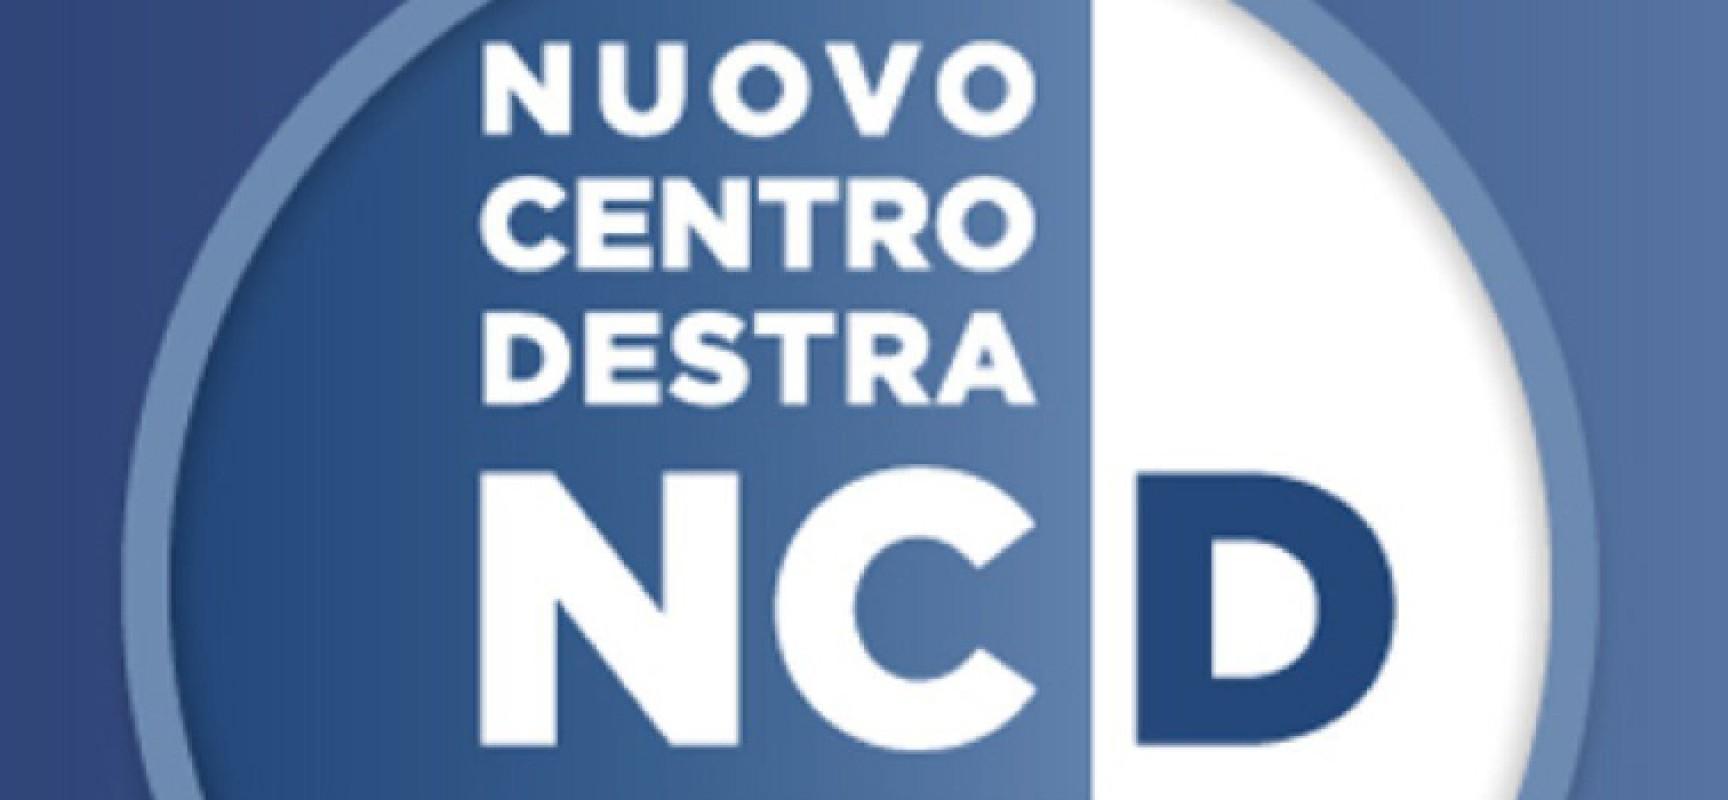 Dell'Olio (Ncd) chiede chiarimenti sull'ospedale consortile e sui conguagli nella zona 167